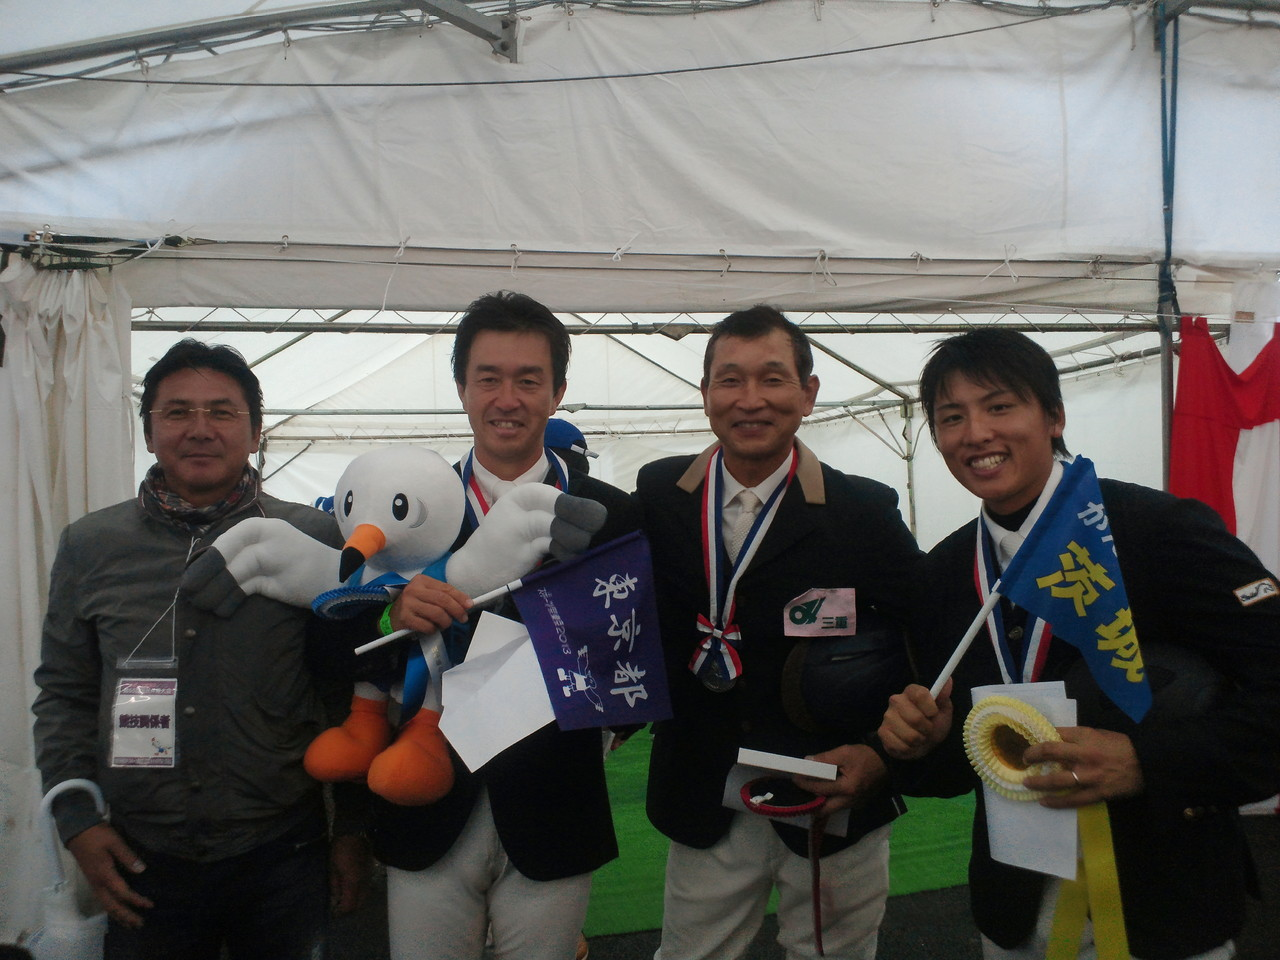 左は三重県の応援団。この方も日大馬術部OB(笑)